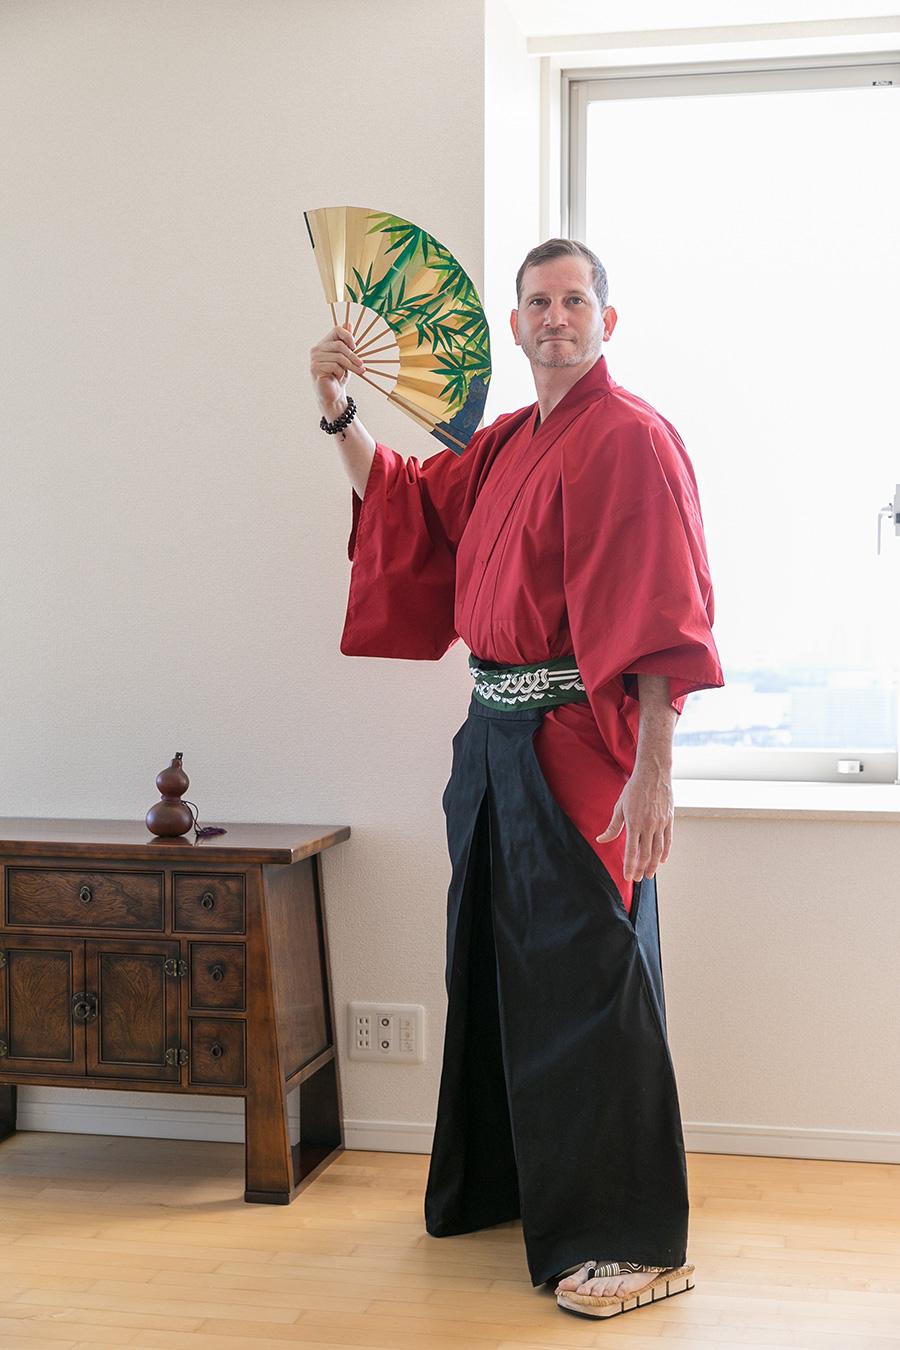 自前の袴に着替えたコロネル大使。凛とした立ち姿が美しい。